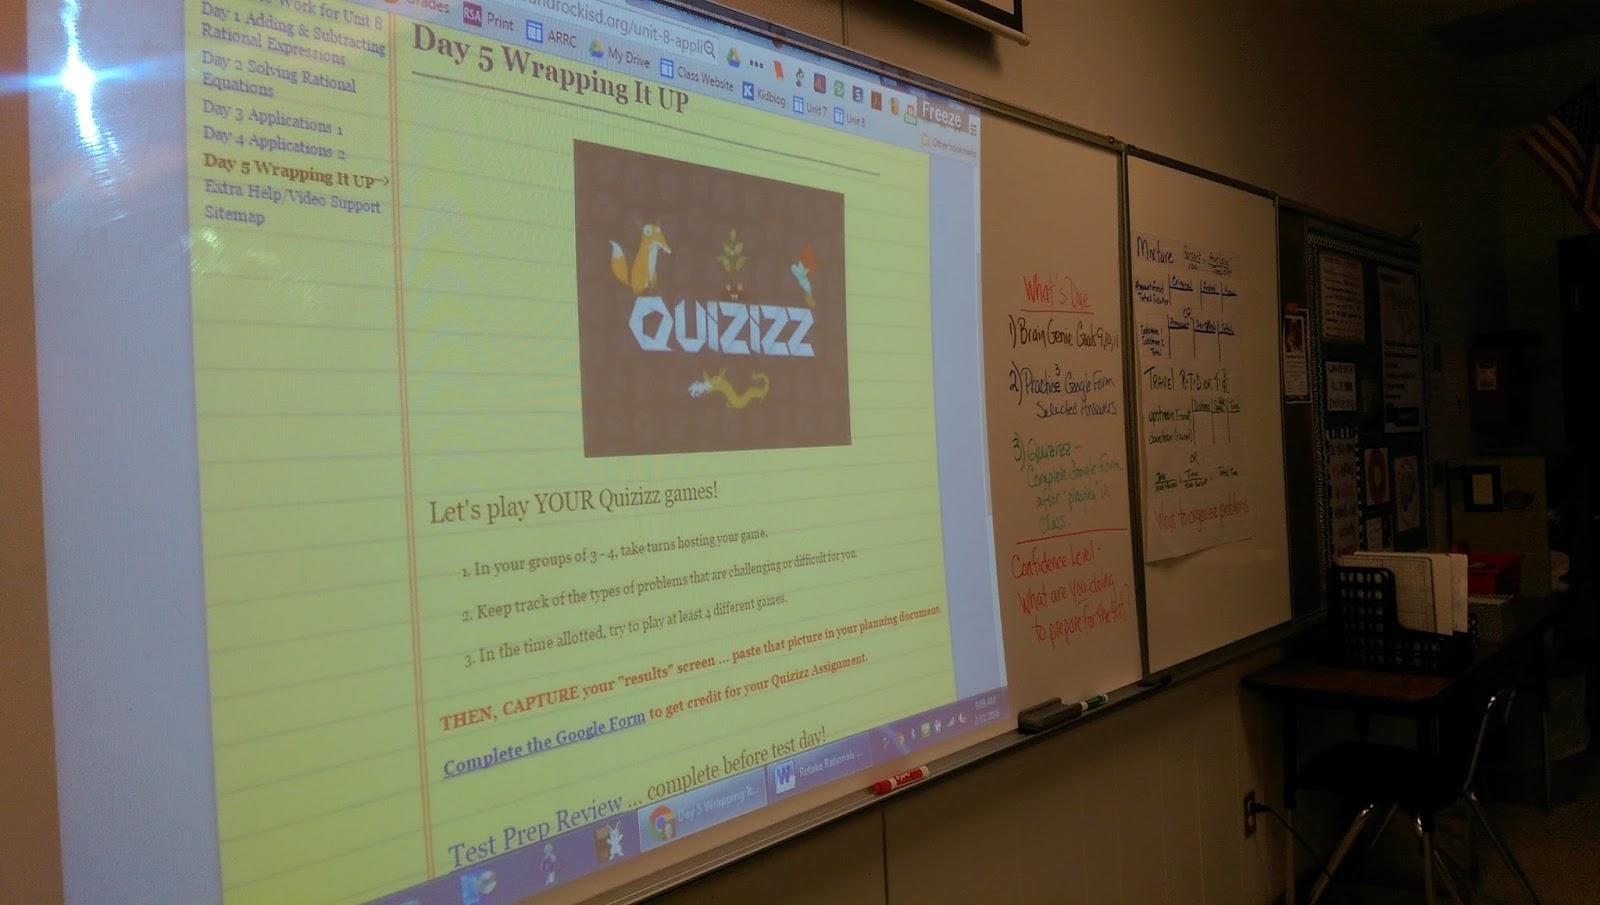 Algebra's Friend: They created their own Quizizz!